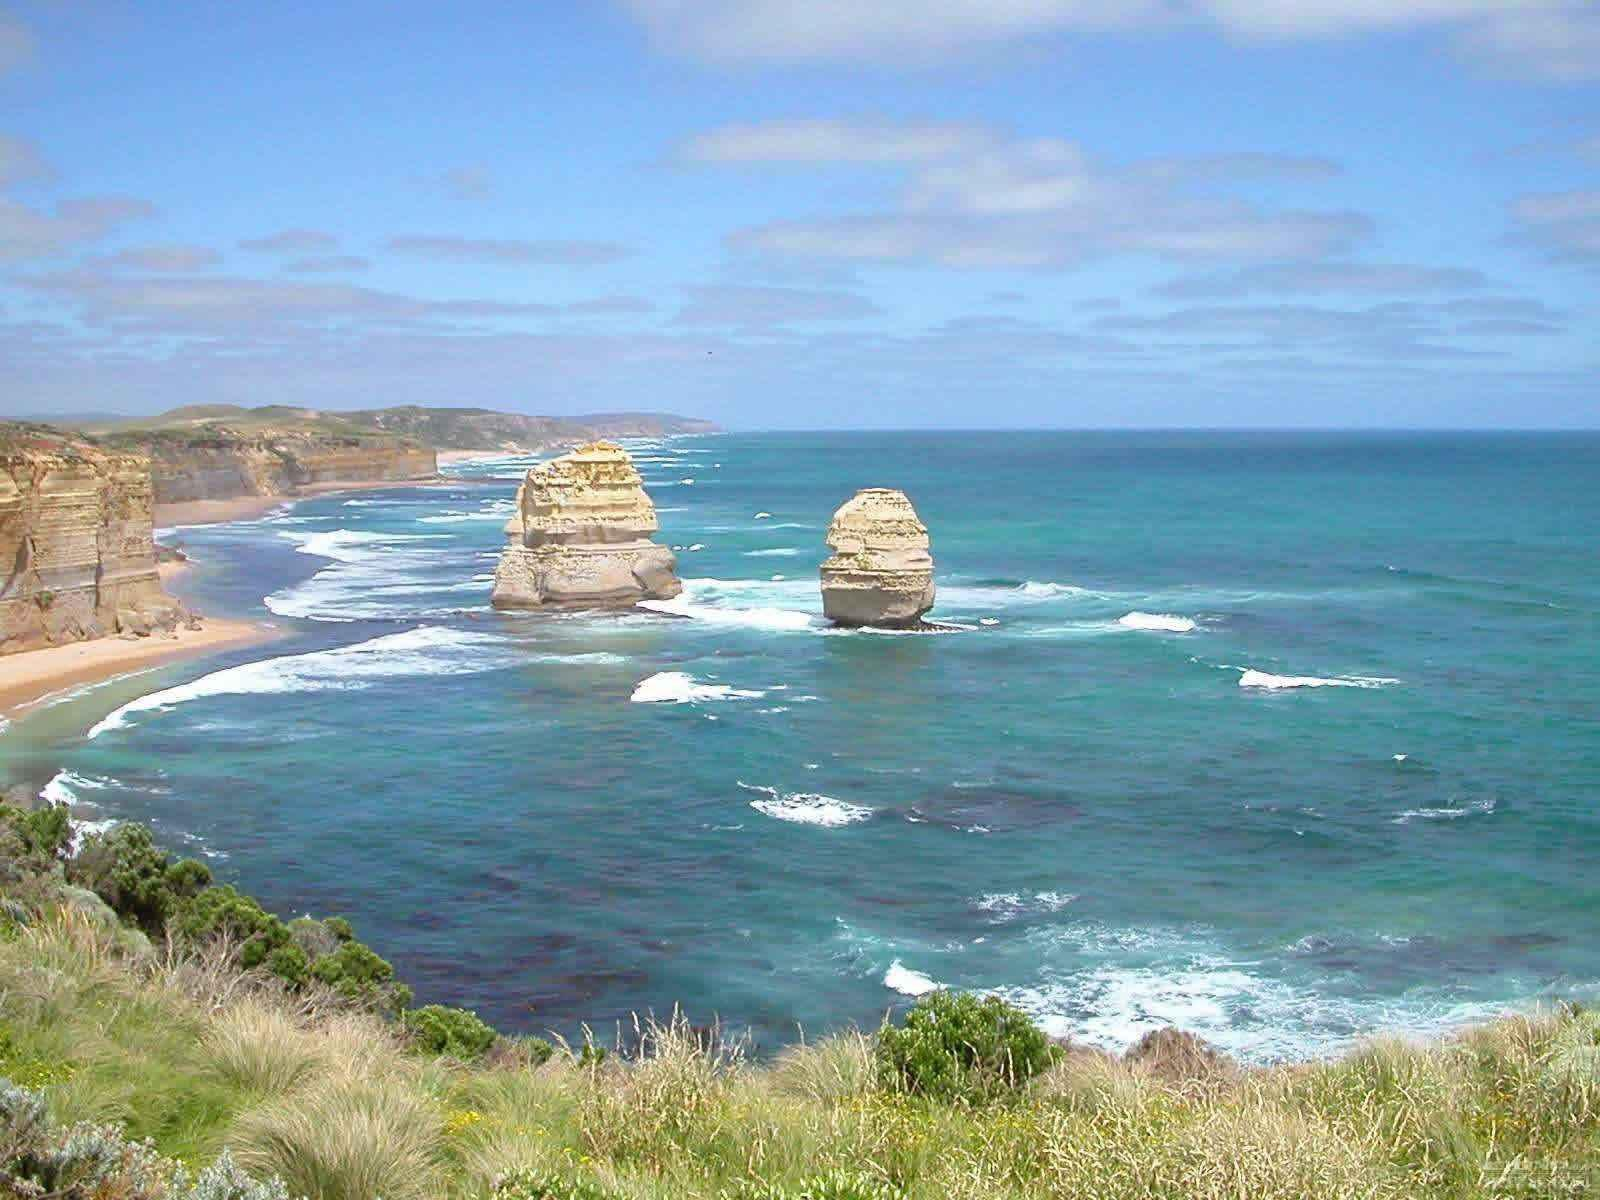 澳洲黄金海岸-并命名为冲浪者天堂,渐渐地吸引了世界各地慕名而来